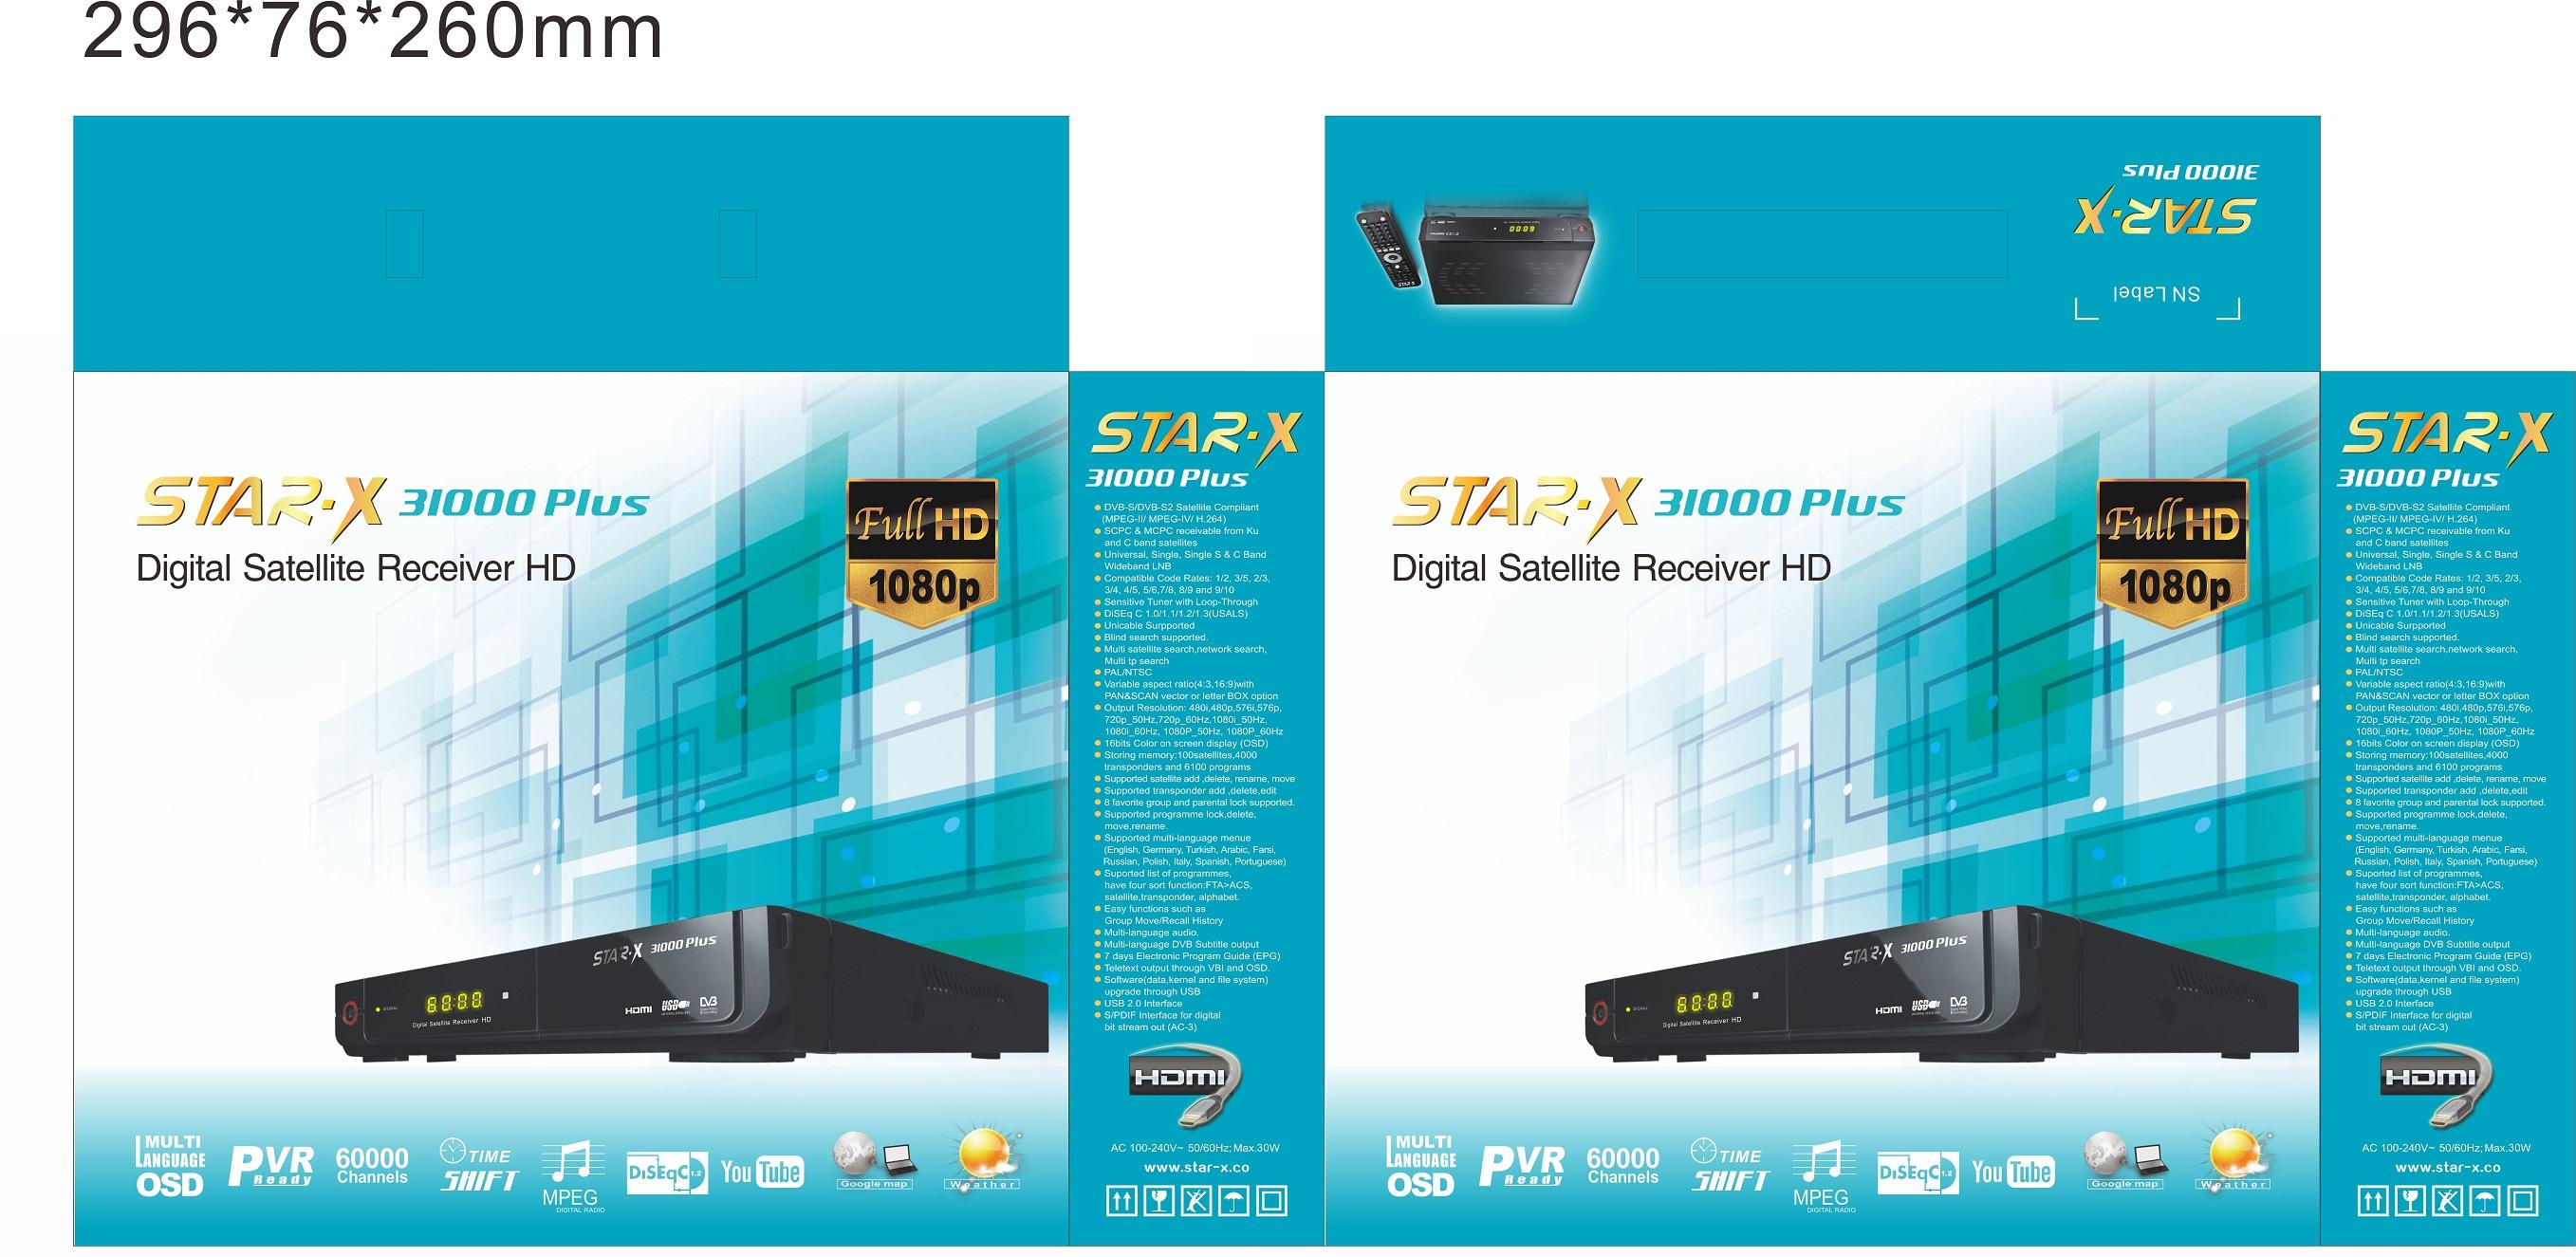 سوفتوير star-x-31000-plus بتاريخ 14-12-2013